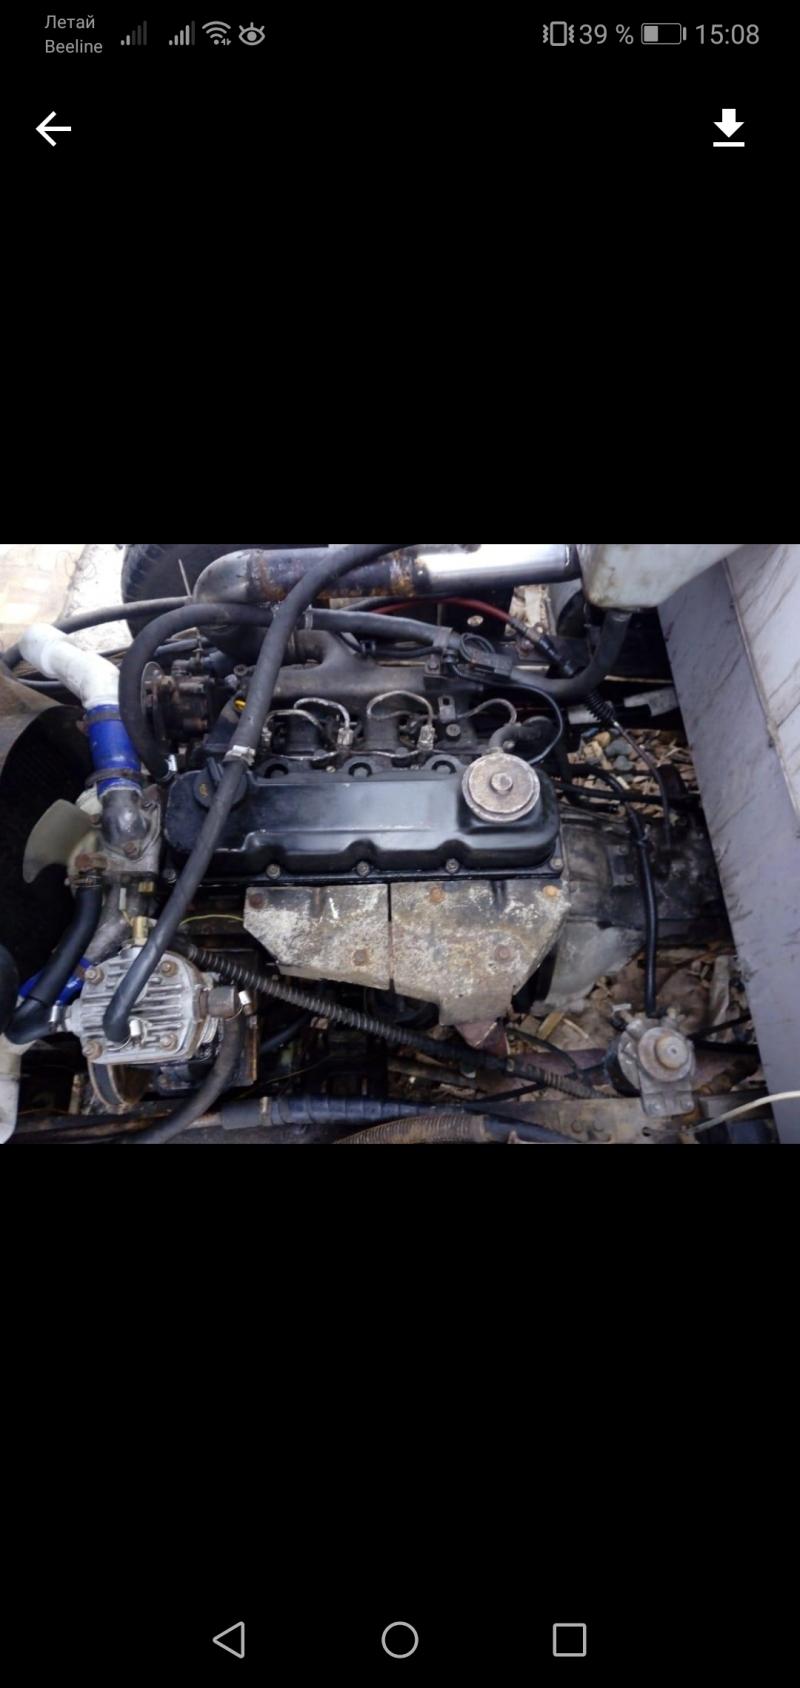 Продам двигатель Nissan Atlas td27.